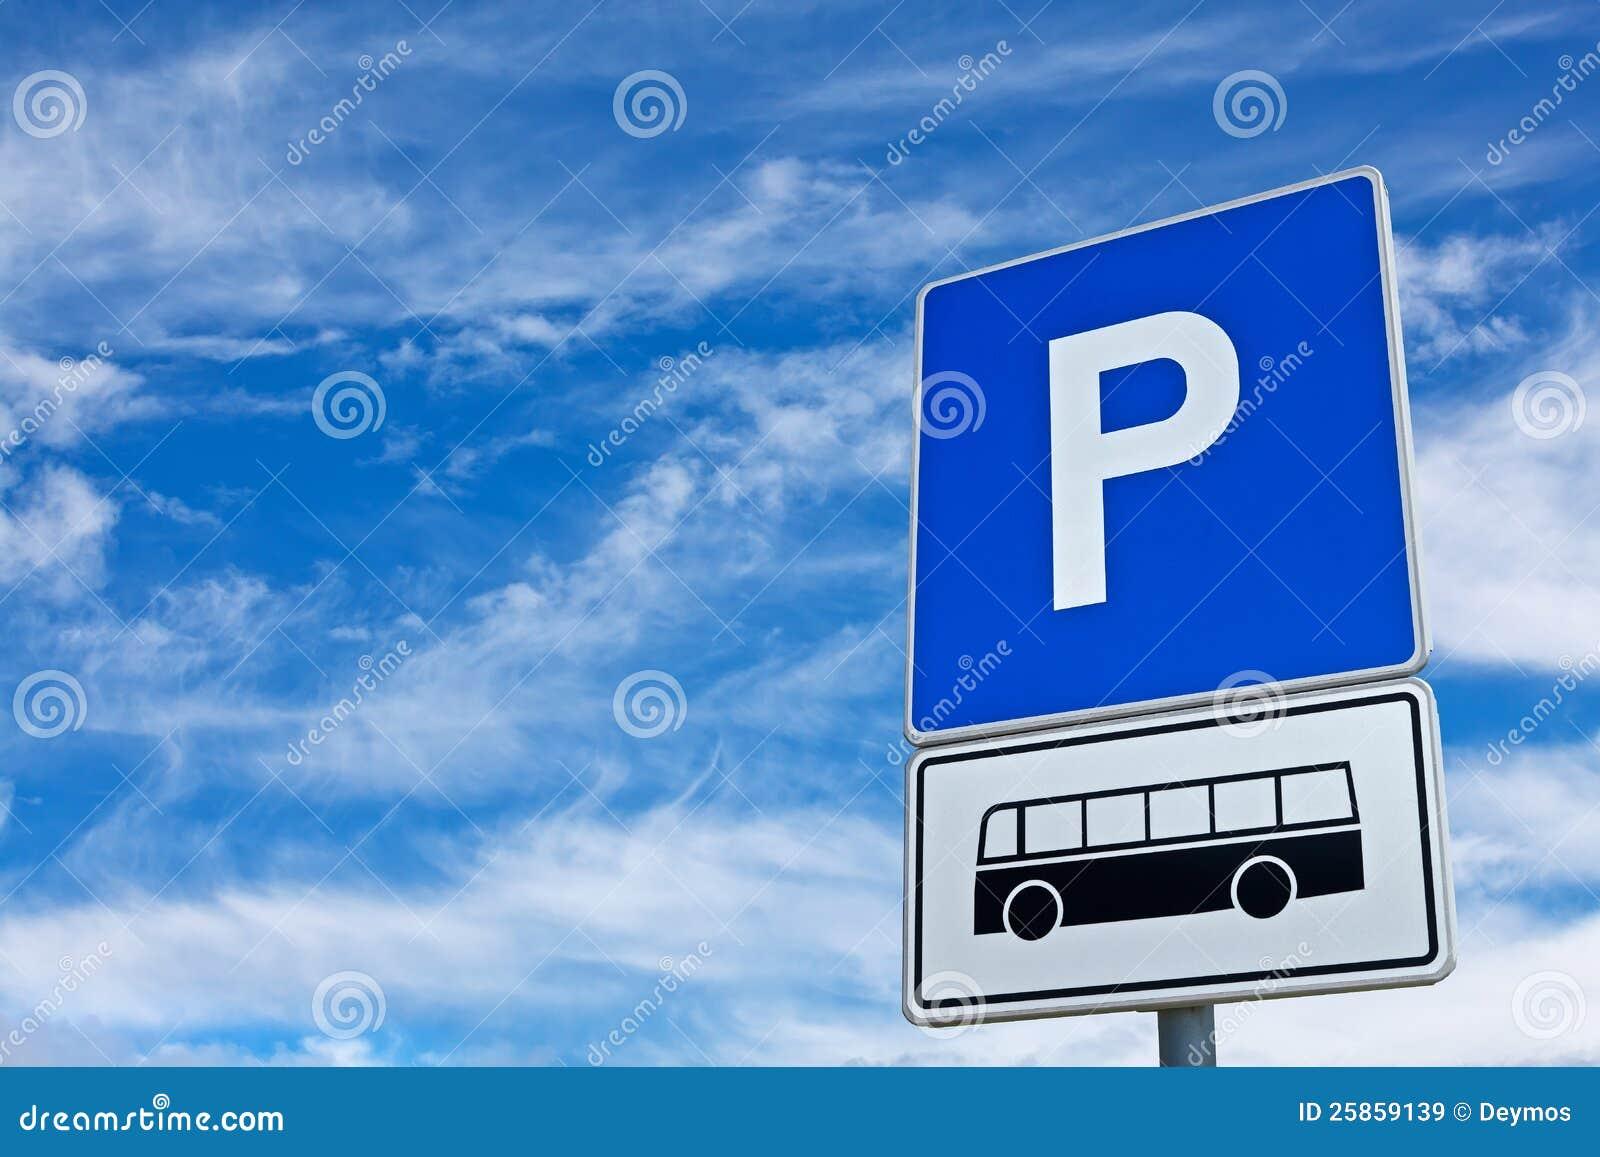 Blue sky coupon parking